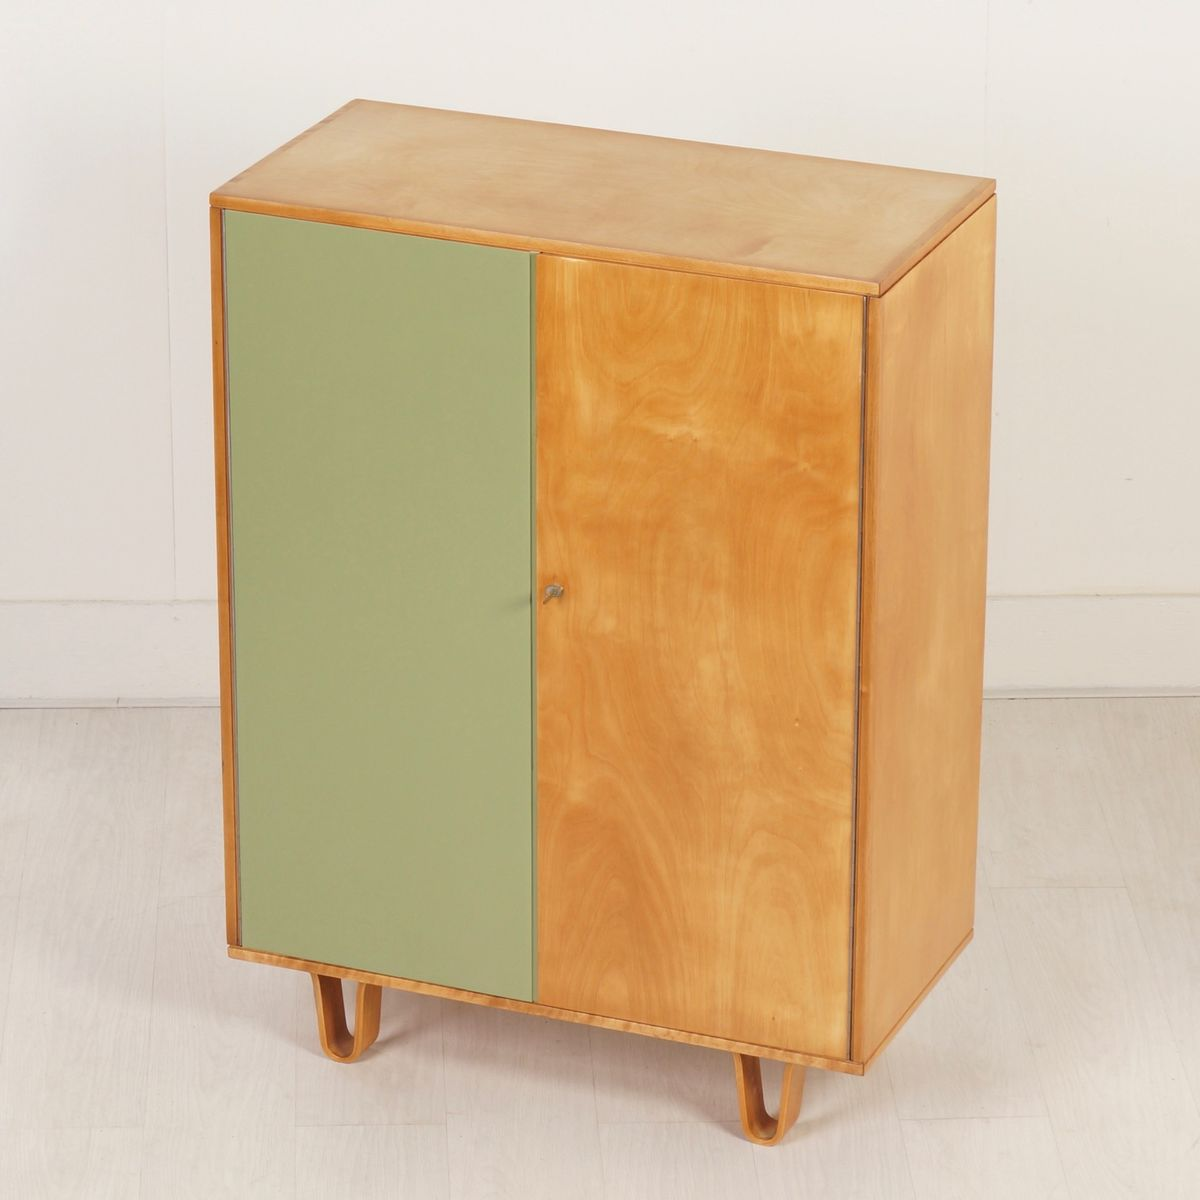 kleiner cb06 kleiderschrank von cees braakman f r pastoe 1950er bei pamono kaufen. Black Bedroom Furniture Sets. Home Design Ideas